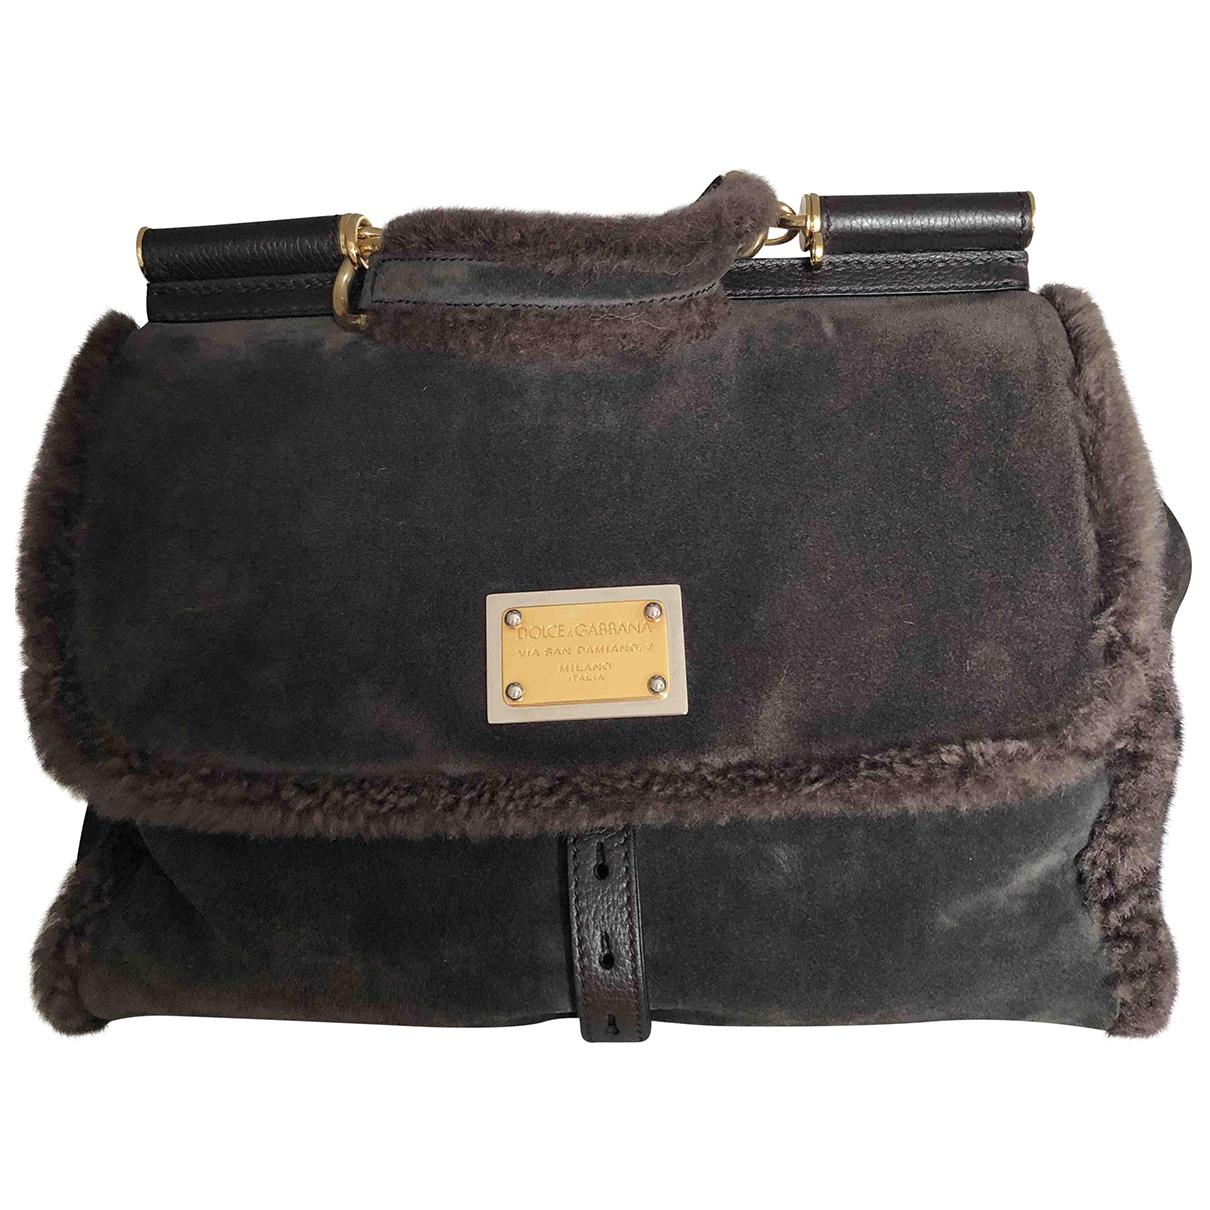 Dolce & Gabbana Sicily Handtasche in  Braun Veloursleder